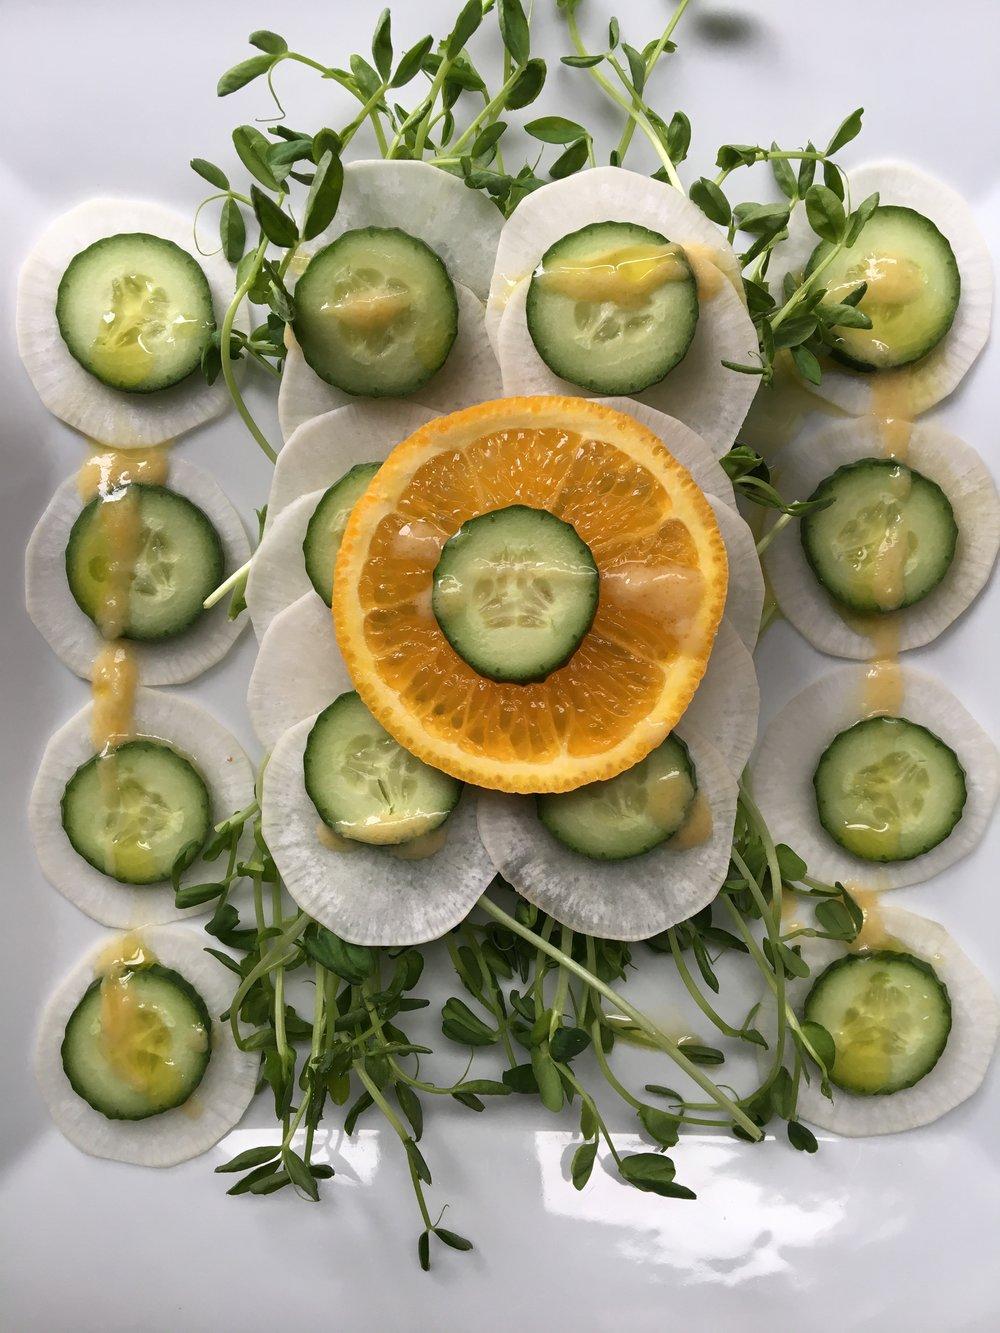 daikon cucumber + citrus salad